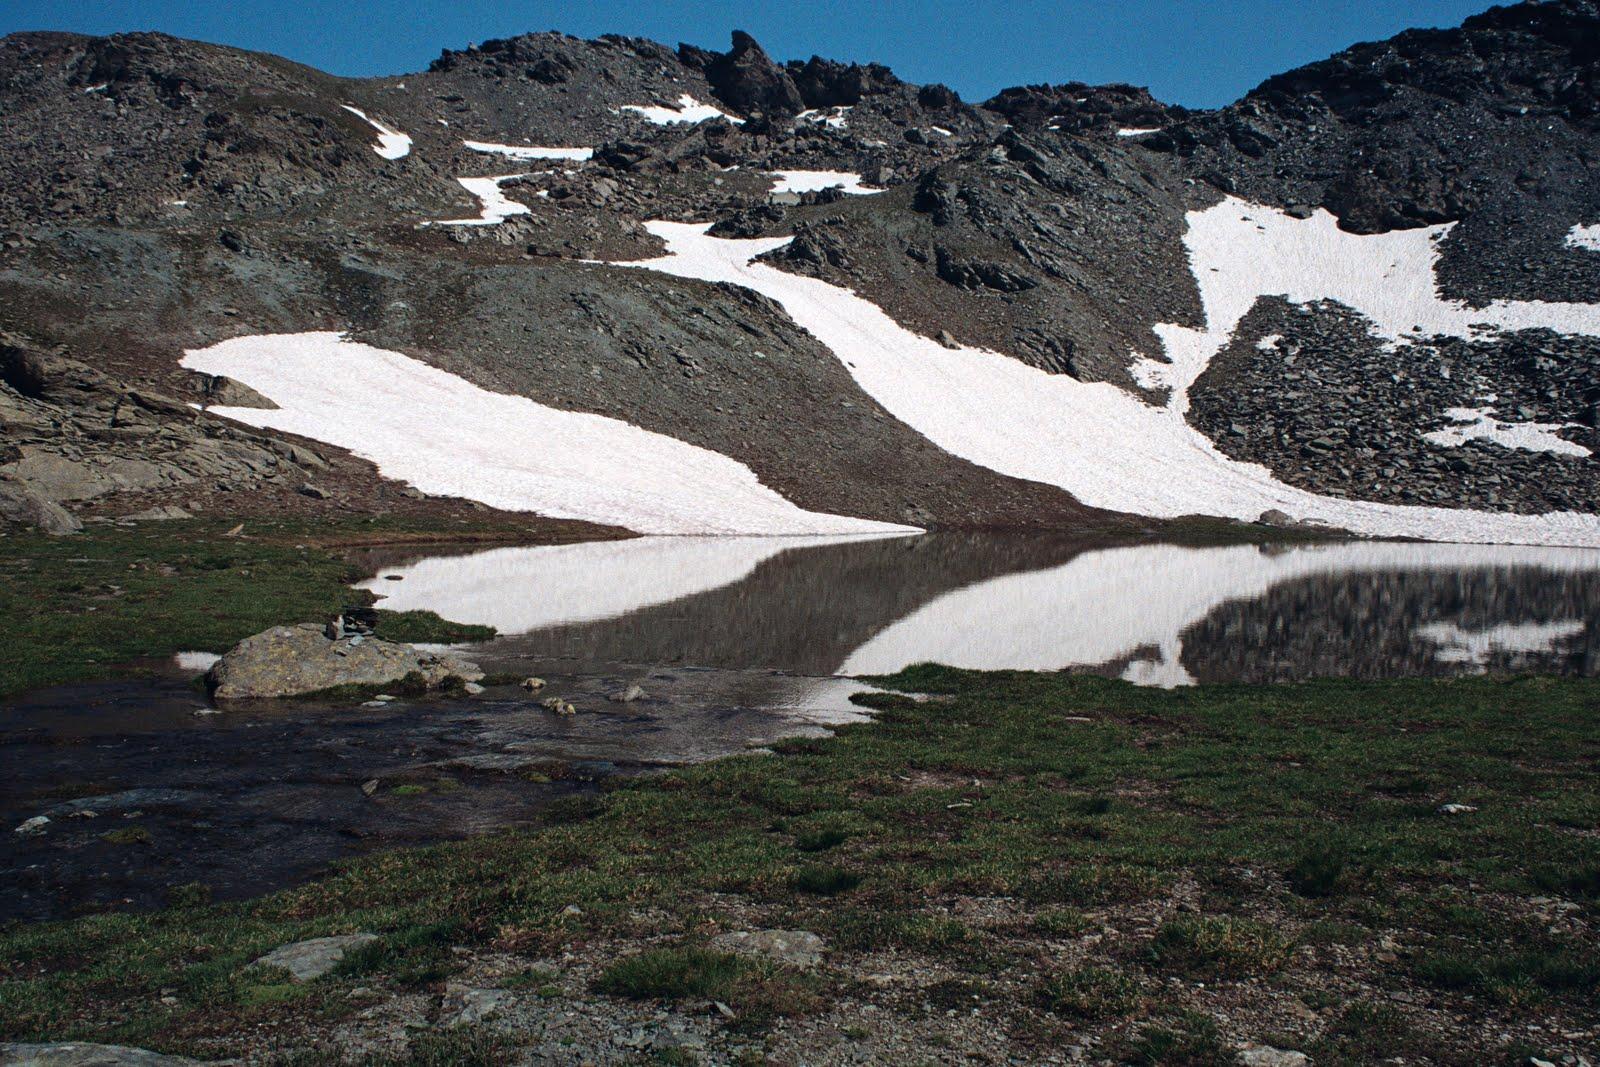 w lipcu w Queyras jest już niewiele śniegu